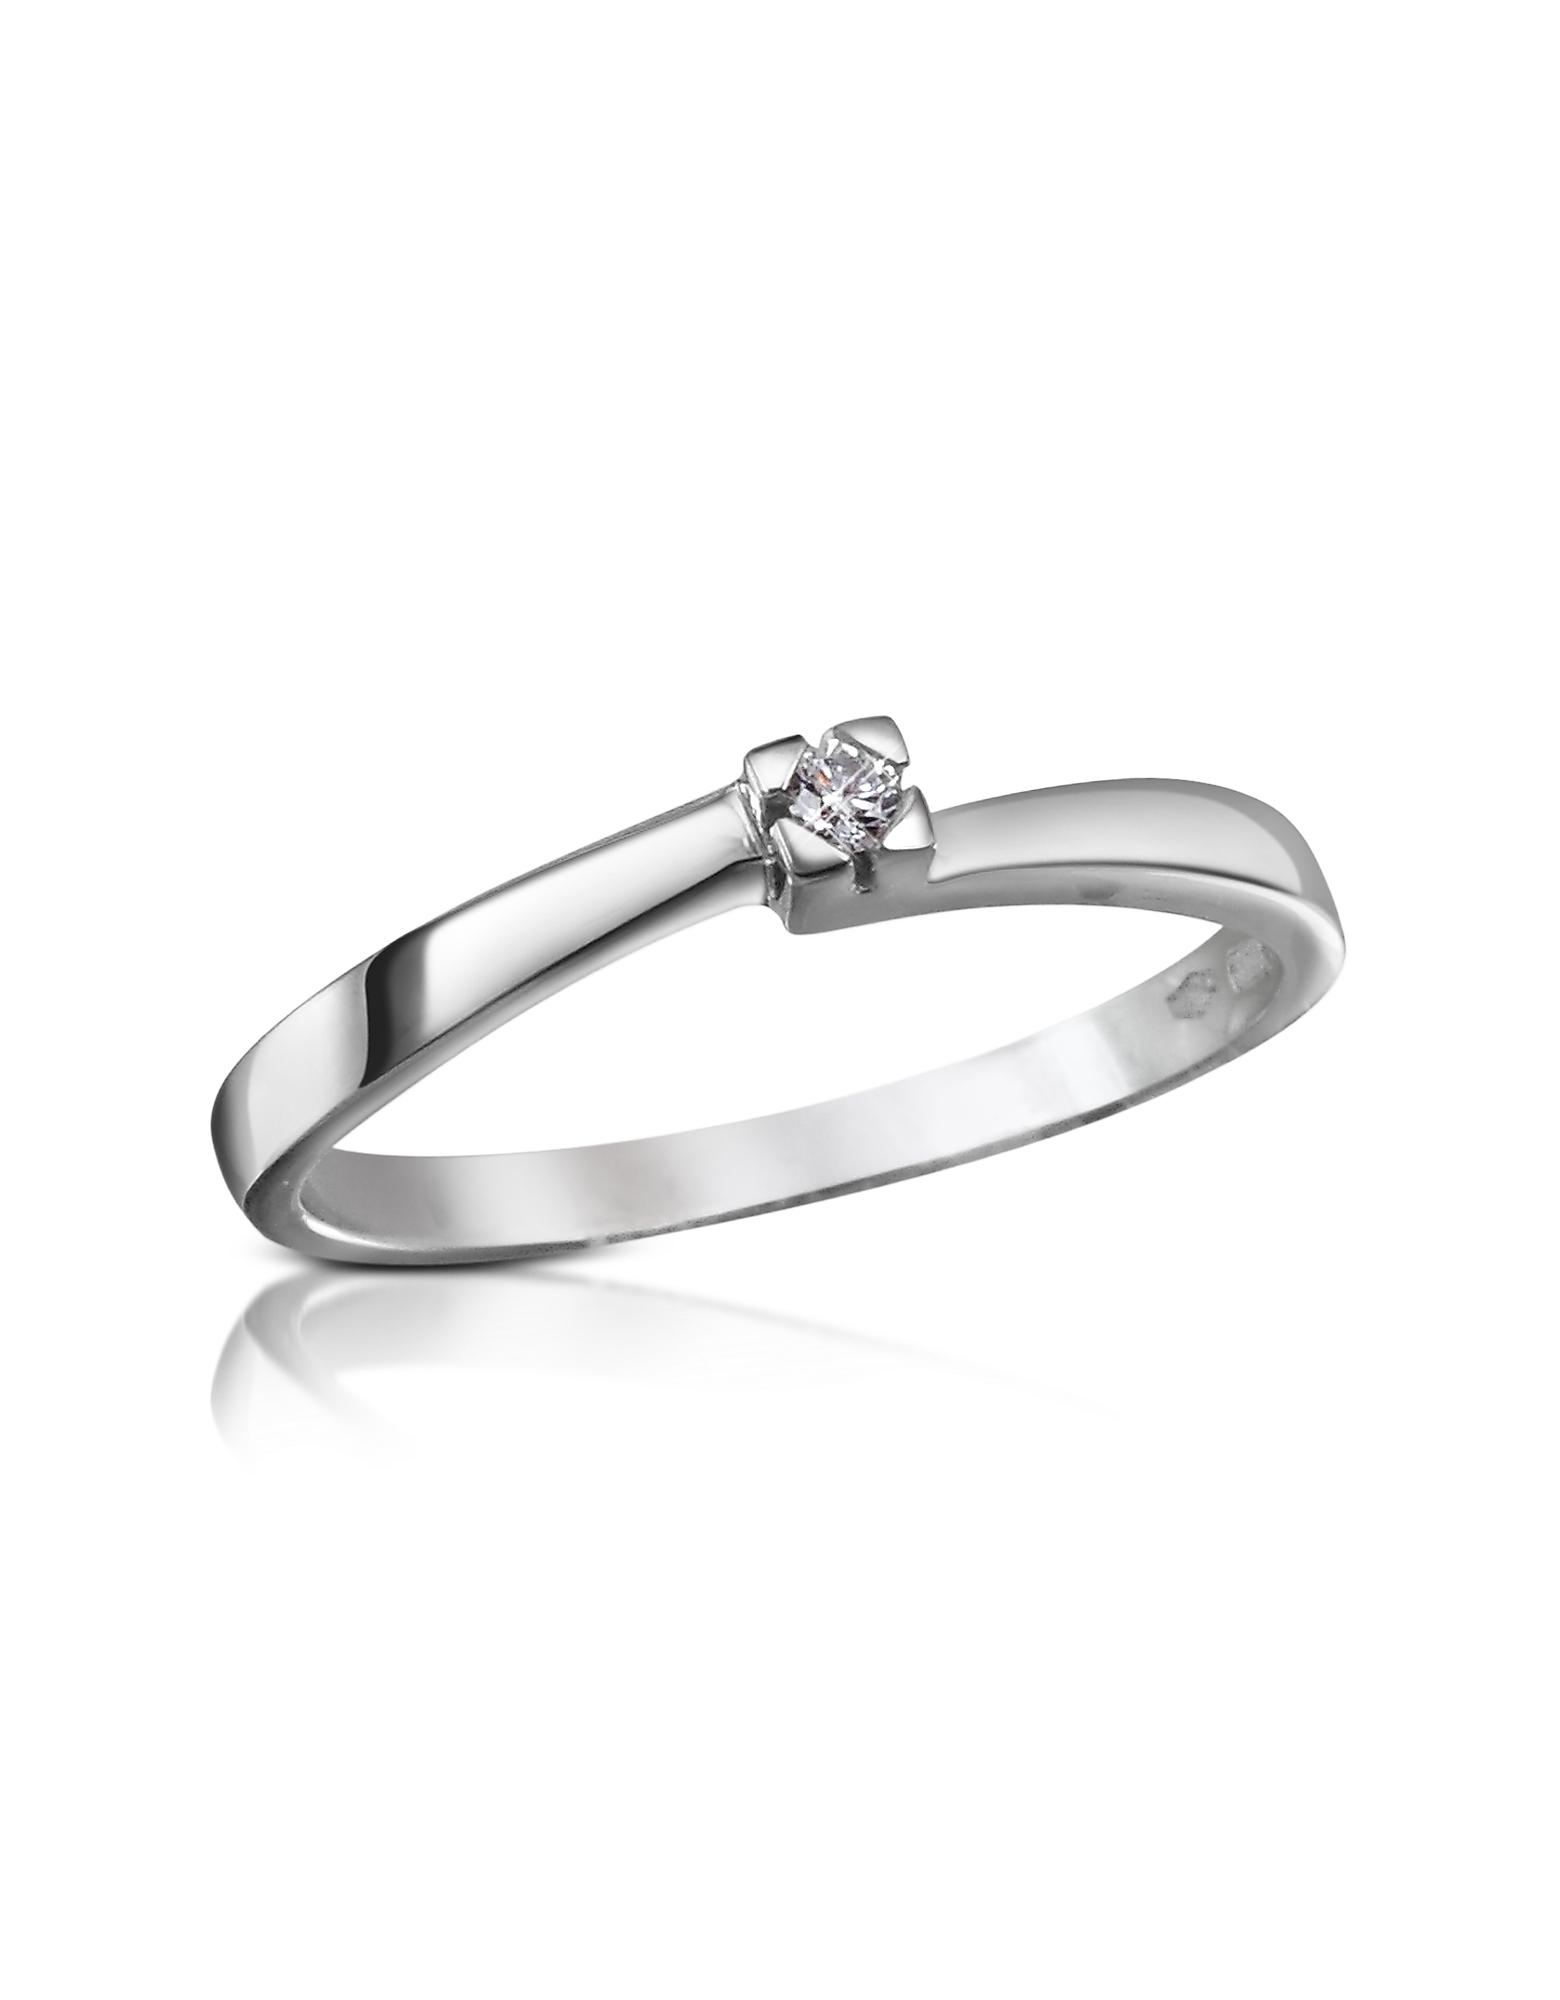 Forzieri Designer Rings, 0.03 ctw Diamond Solitaire Ring